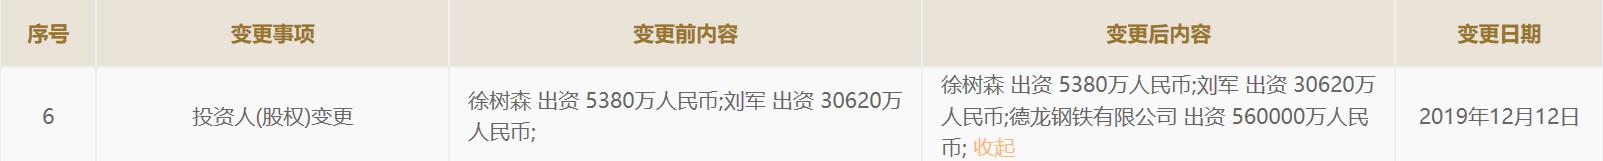 http://jszhy.cn/youxi/168838.html